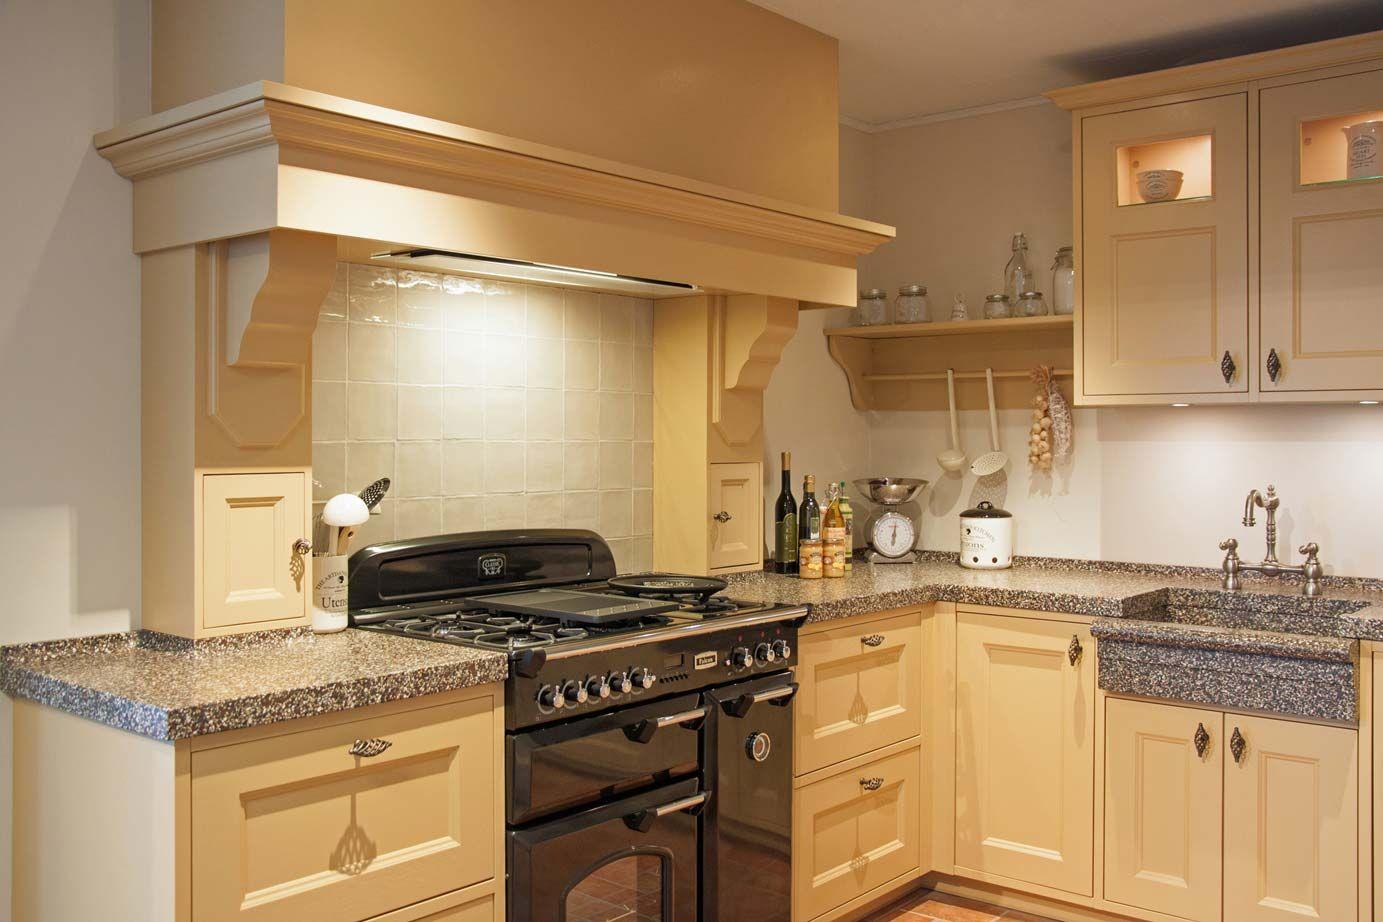 Landelijke handgemaakte keuken met luxe falcon fornuis db keukens keukeninspiratie - Mode keuken deco ...